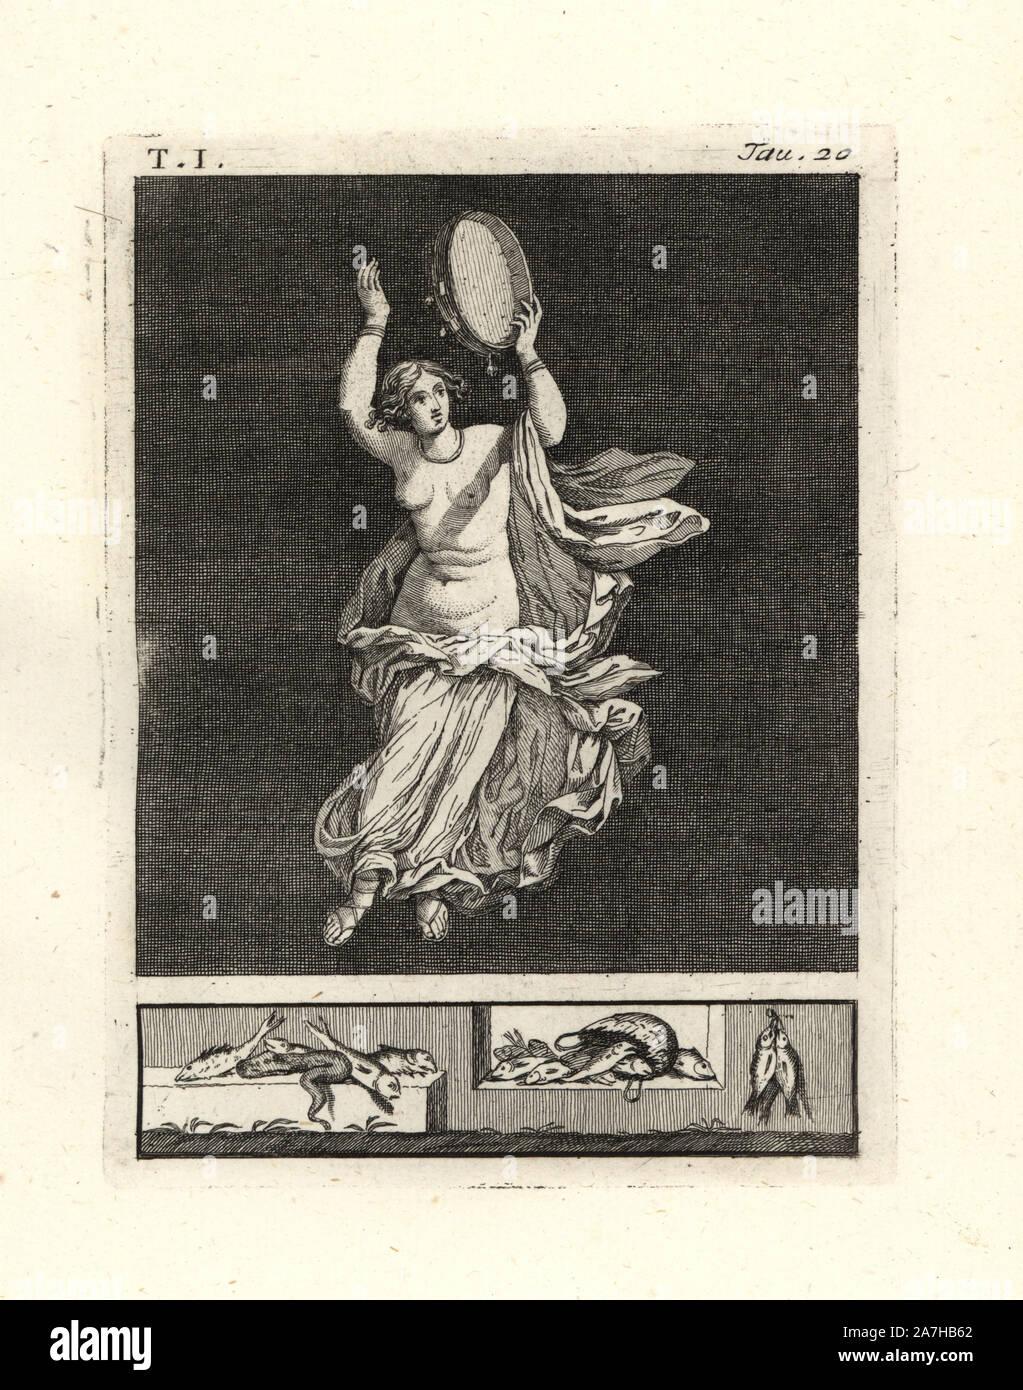 """Retira la pintura de la pared de una habitación, posiblemente un triclinium o comedor, en una casa de Pompeya en 1749. Muestra una bailarina bacchant golpeando un tímpano o pandero con su mano. Ella lleva un collar y pulseras, una fina túnica en blanco rayado con el rojo, el color de Baco. Grabado por Tommaso Piroli Copperplate desde su propio 'Antichita di Ercolano"""" (Antigüedades de Herculano), Roma, 1789. Pintor y grabador italiano Piroli (1752-1824) publicado en seis volúmenes entre 1789 y 1807 documenta los murales y bronces encontrados en Heraculaneum y Pompeya. Foto de stock"""